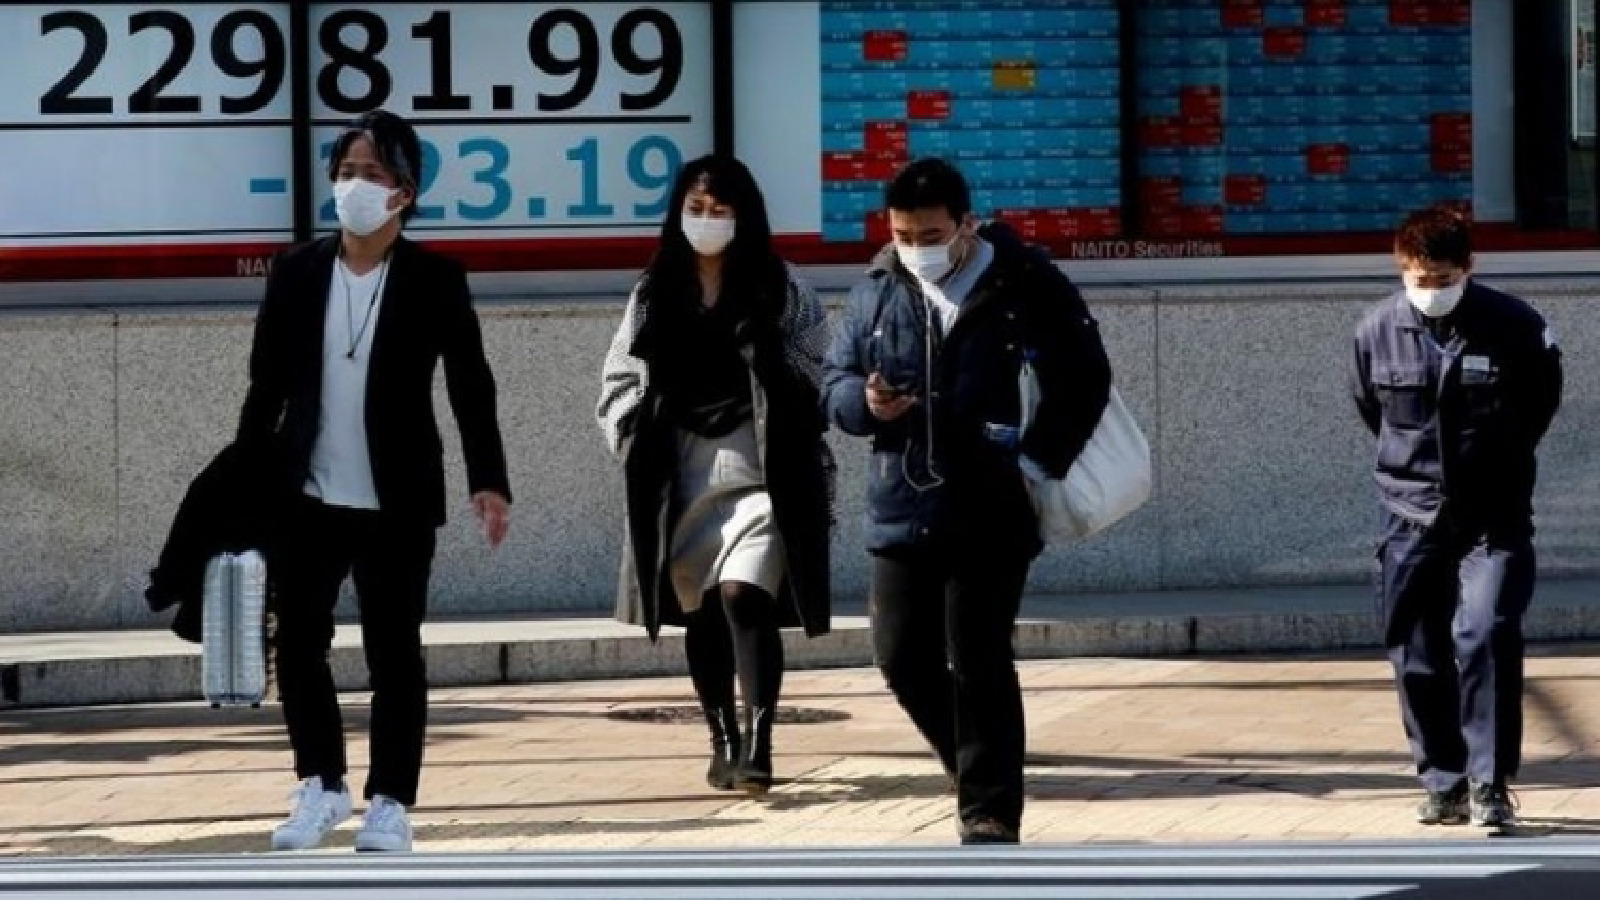 Dịch Covid-19 phức tạp, Nhật Bản kéo dài tình trạng khẩn cấp